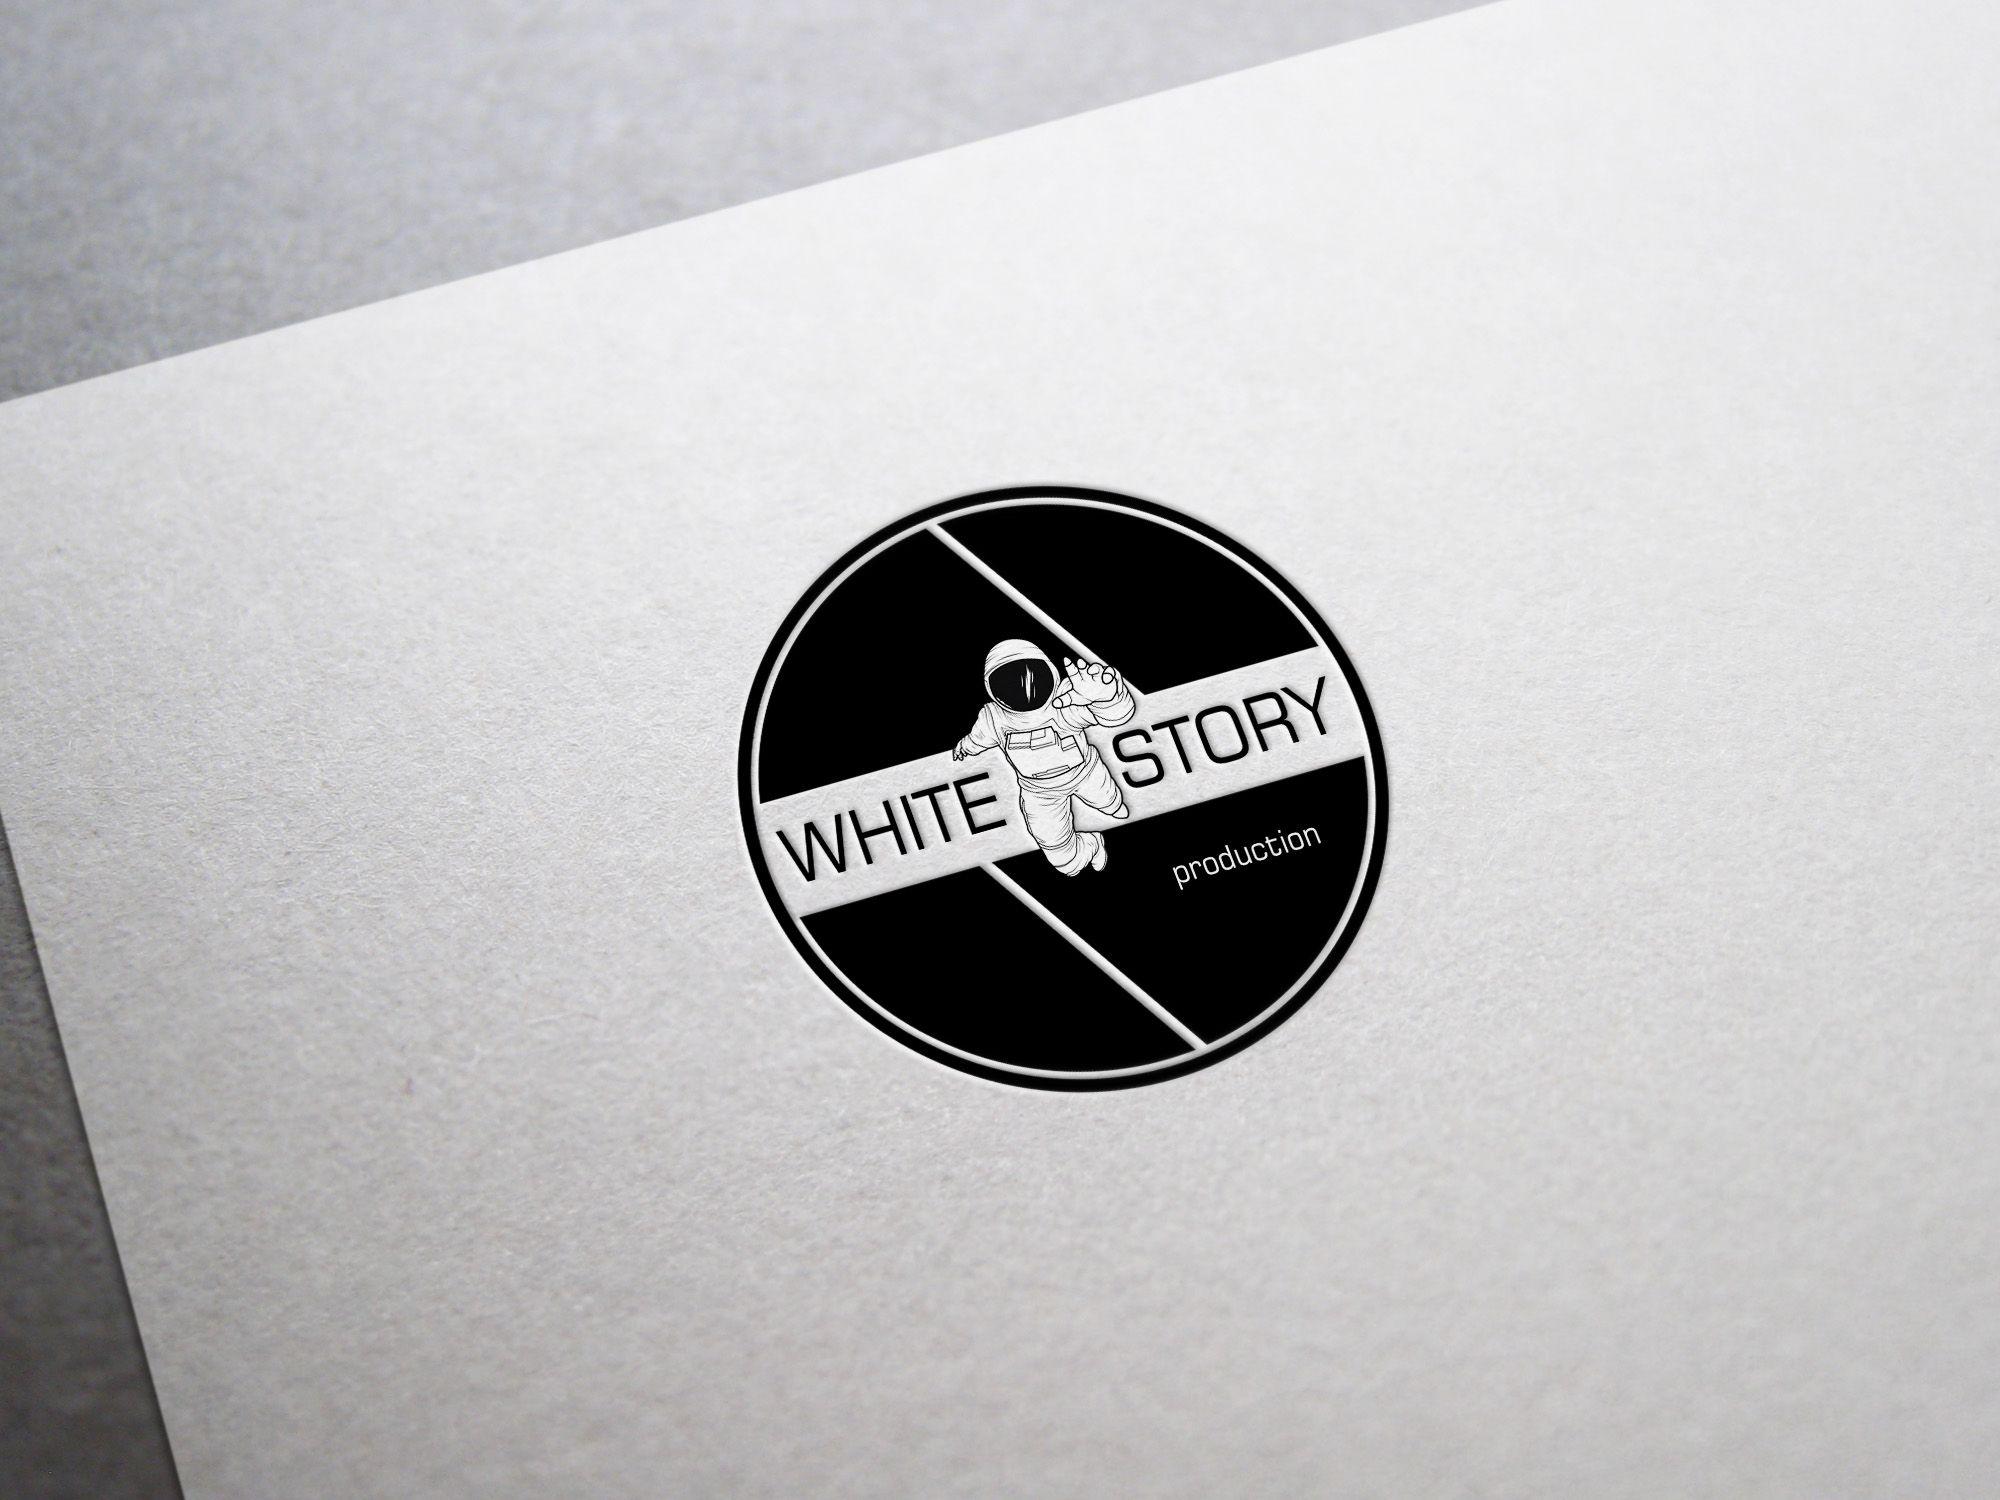 Логотип для Логотип для Фото и Видео продакшена - дизайнер AlexyRidder